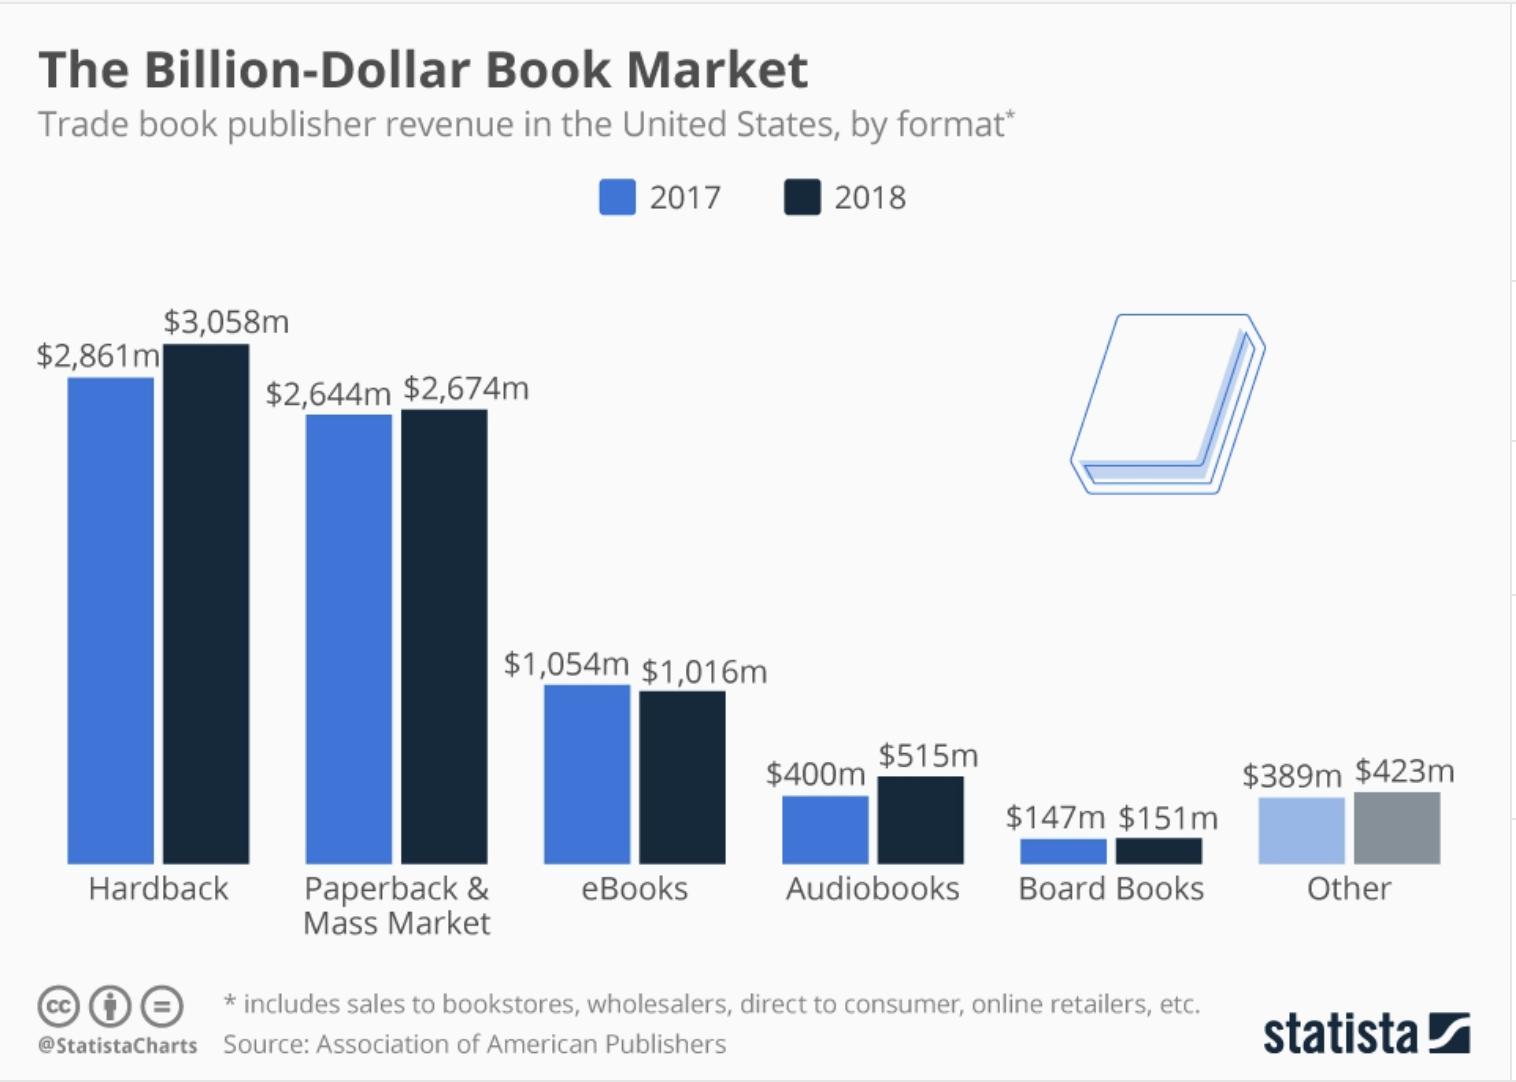 The Billion Dollar Book